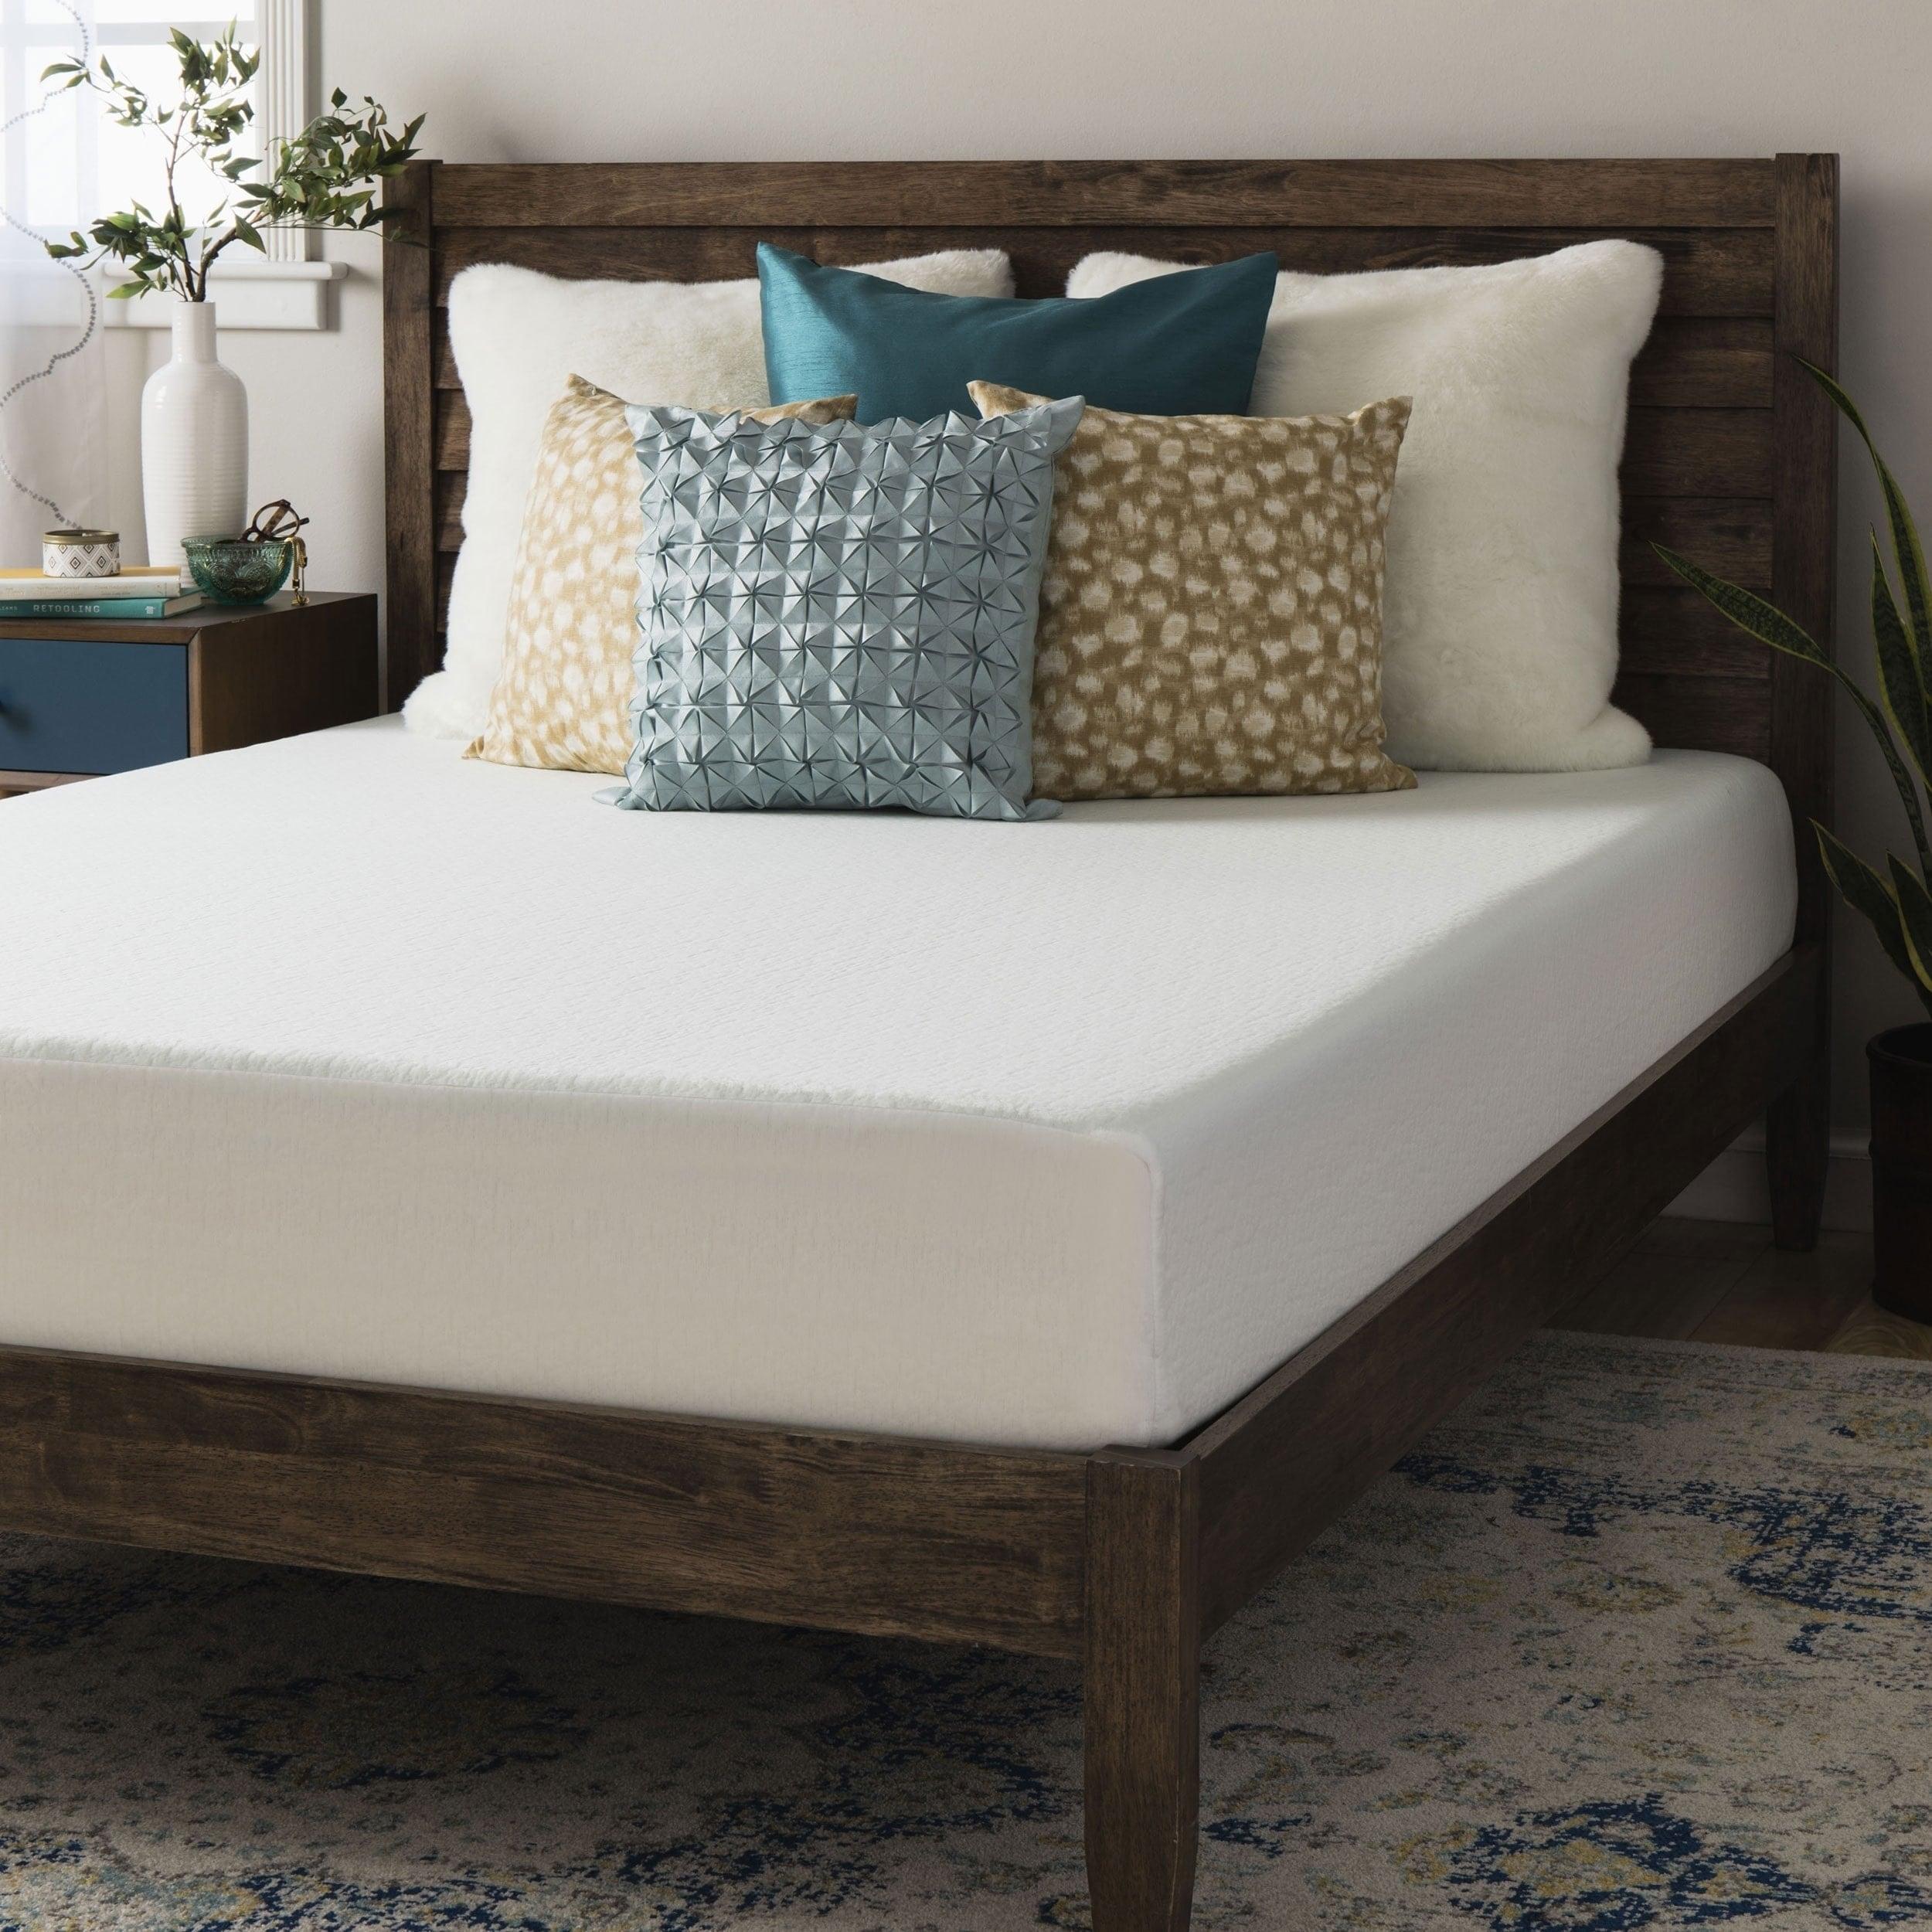 Crown Comfort 8-inch King-size Memory Foam Mattress (8-in...